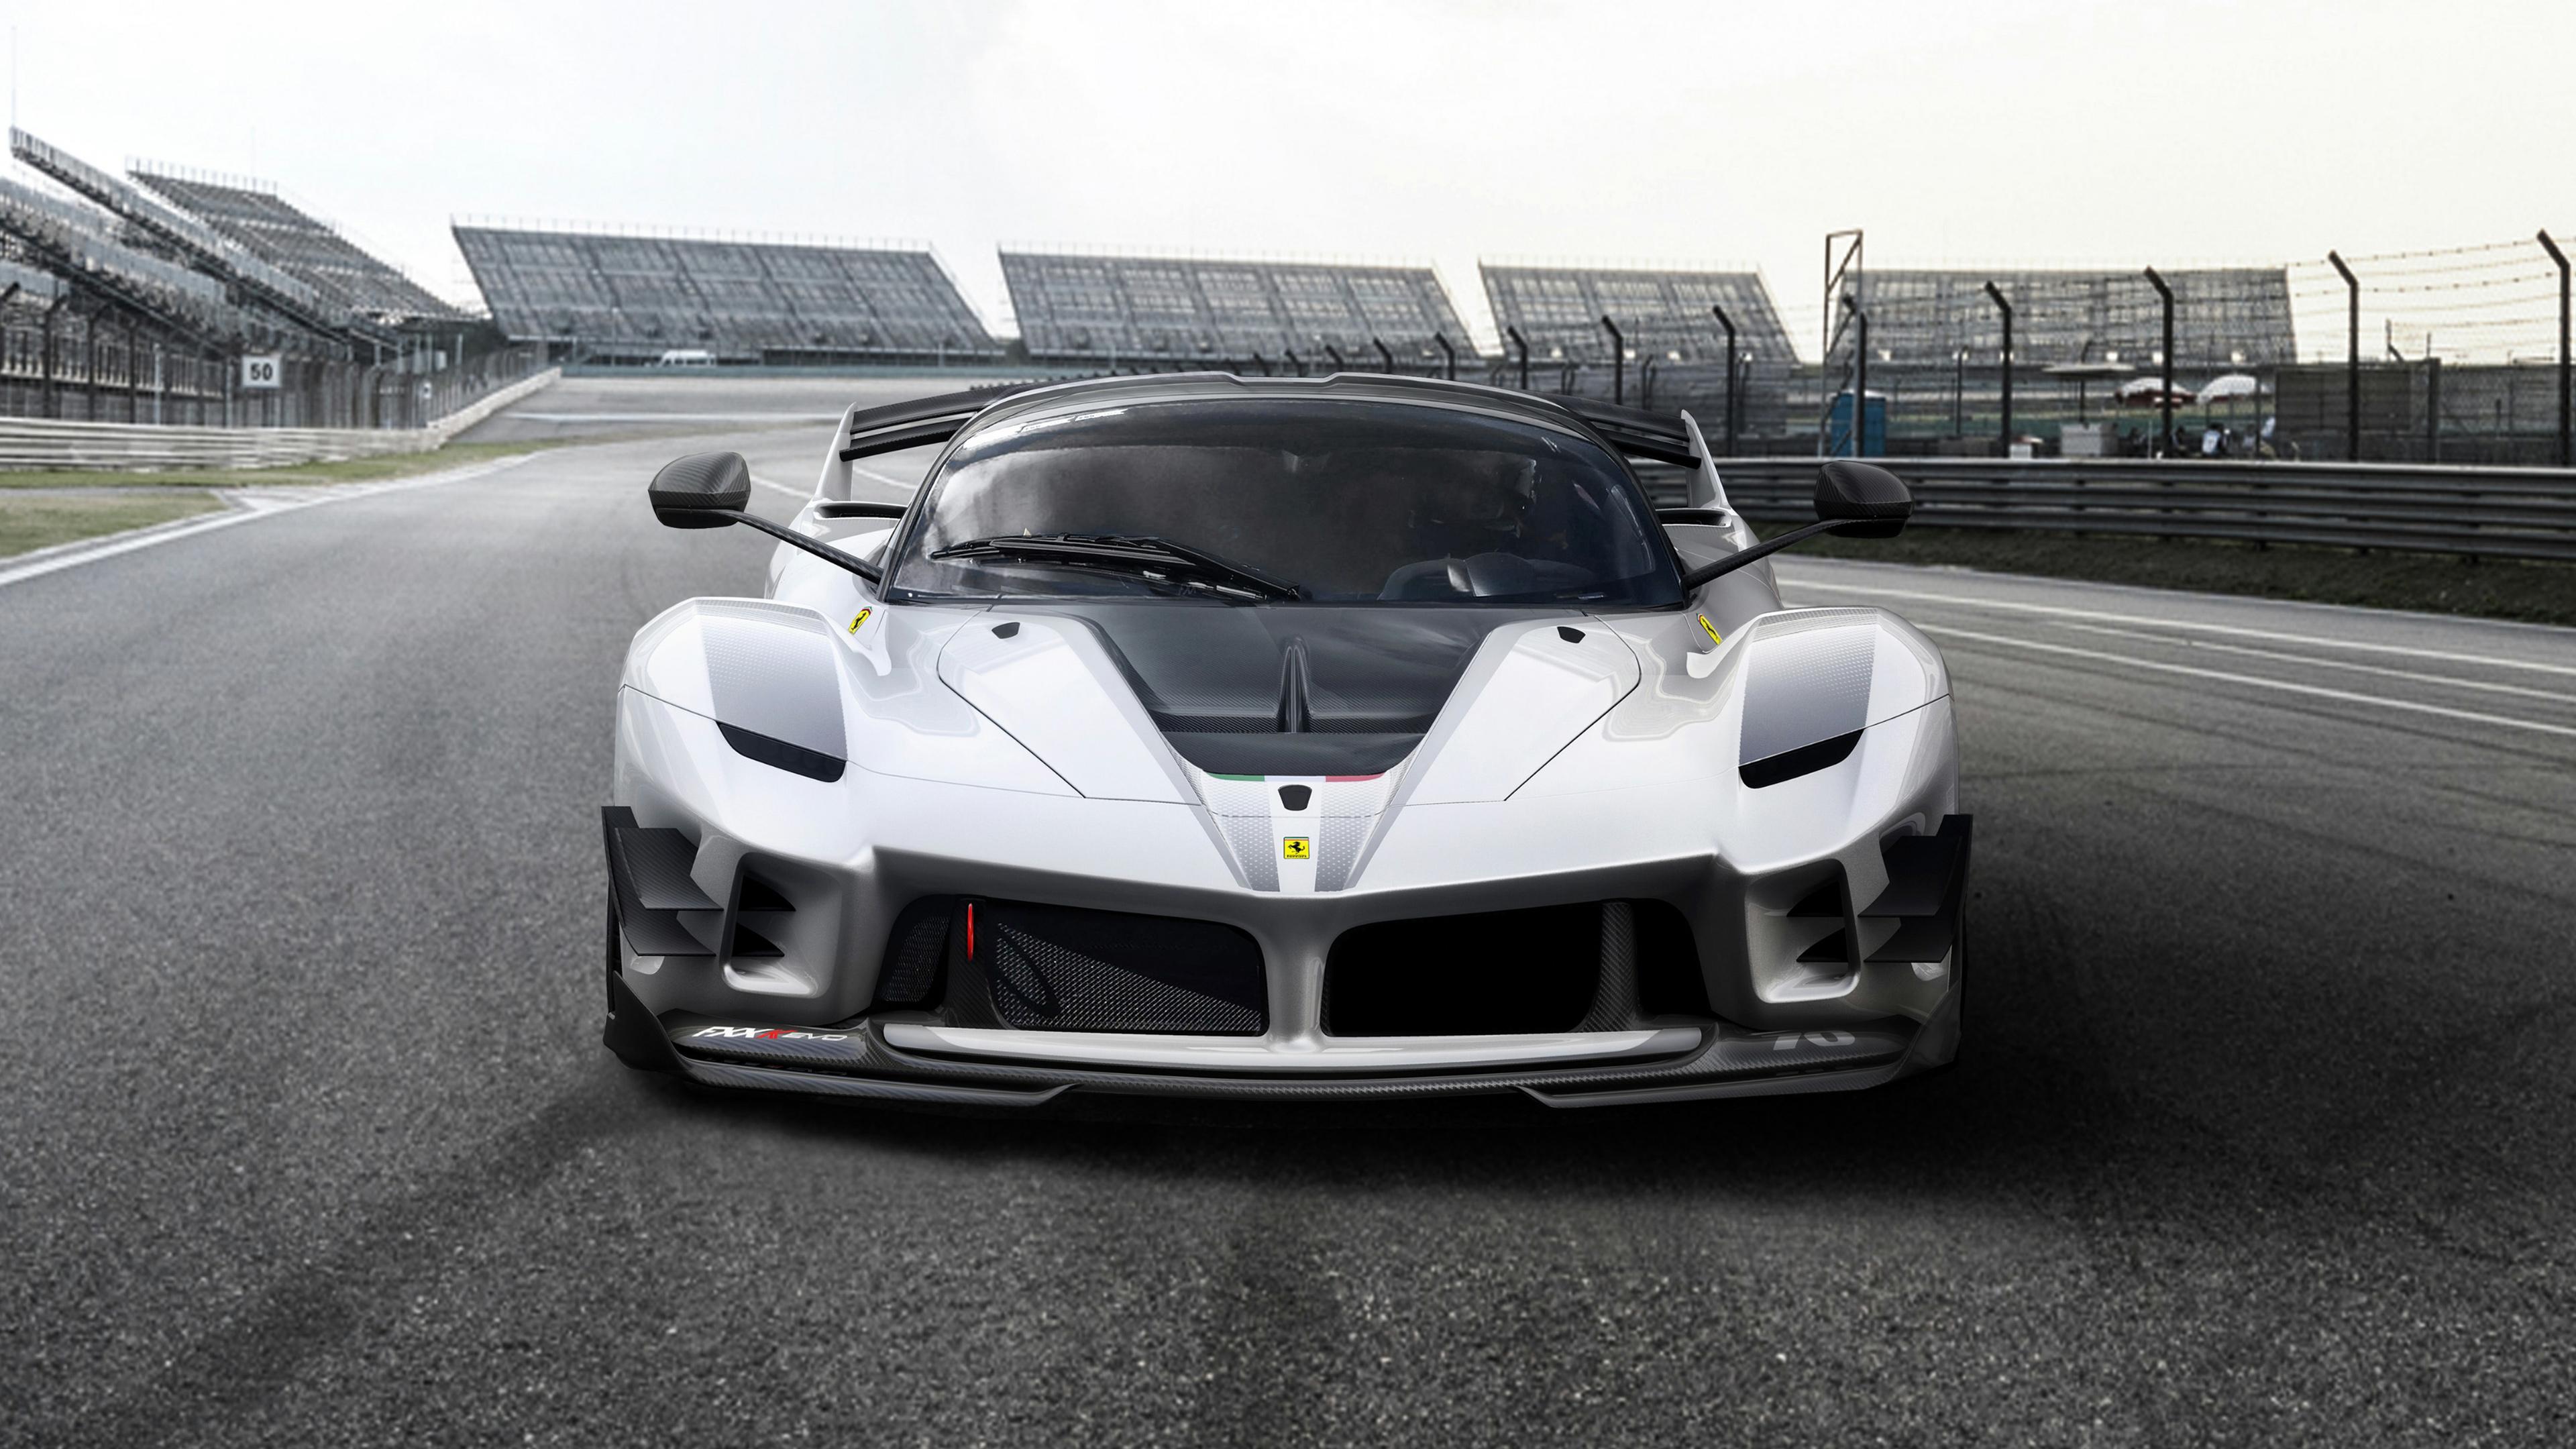 2018 Ferrari Fxx K Evo 4k 4 Wallpaper Hd Car Wallpapers Id 8960